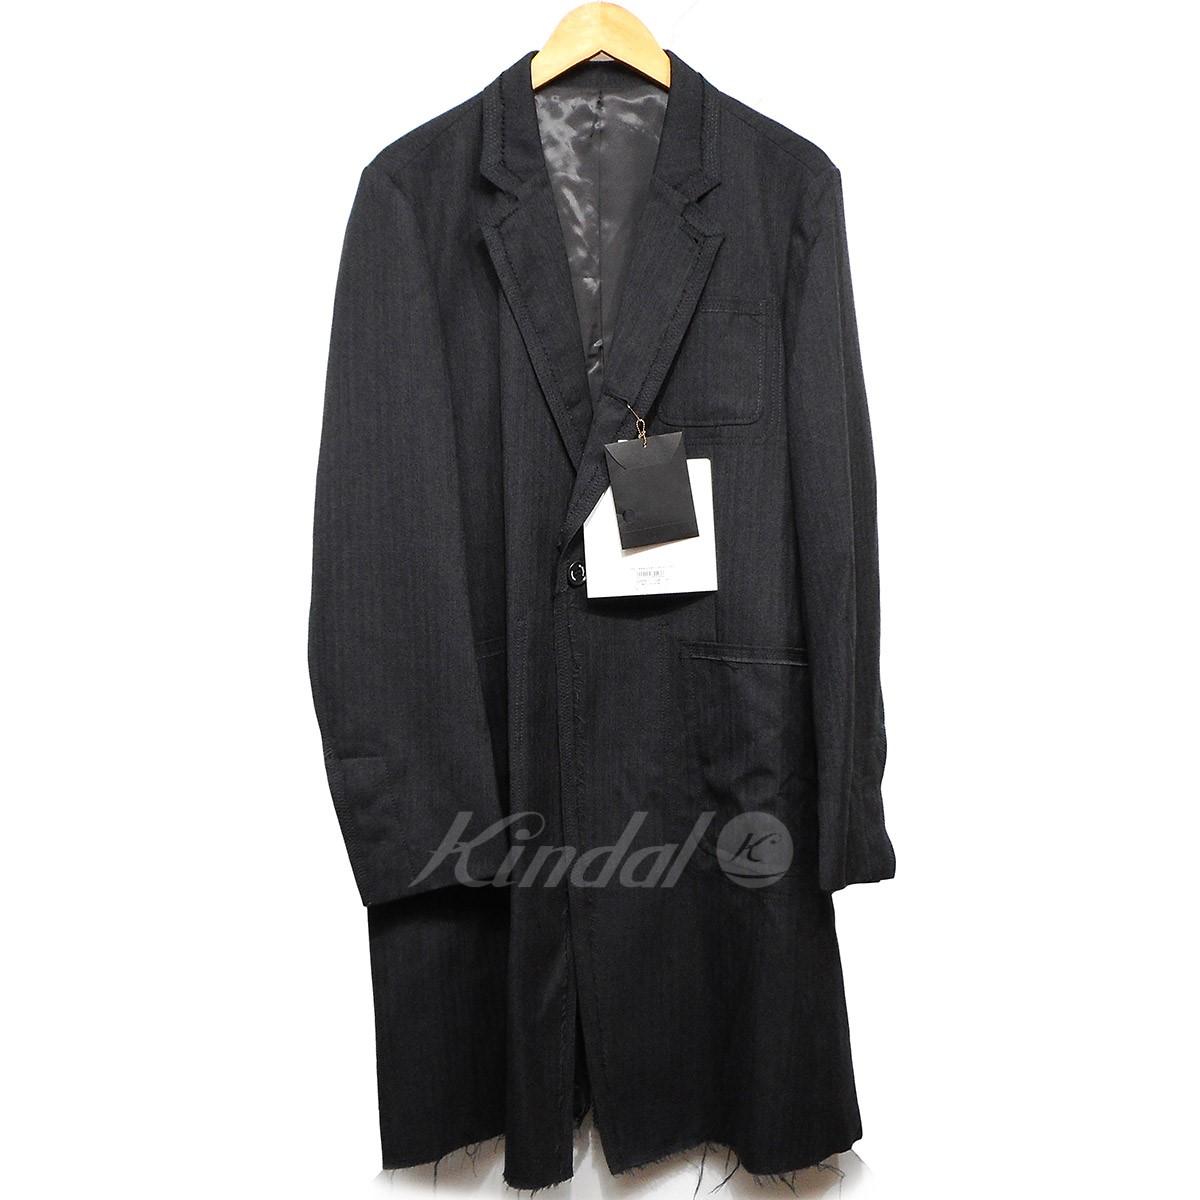 【中古】the Shepherd undercover 16AW Wヘリンボーンロングジャケット 【送料無料】 【006004】 【KIND1550】